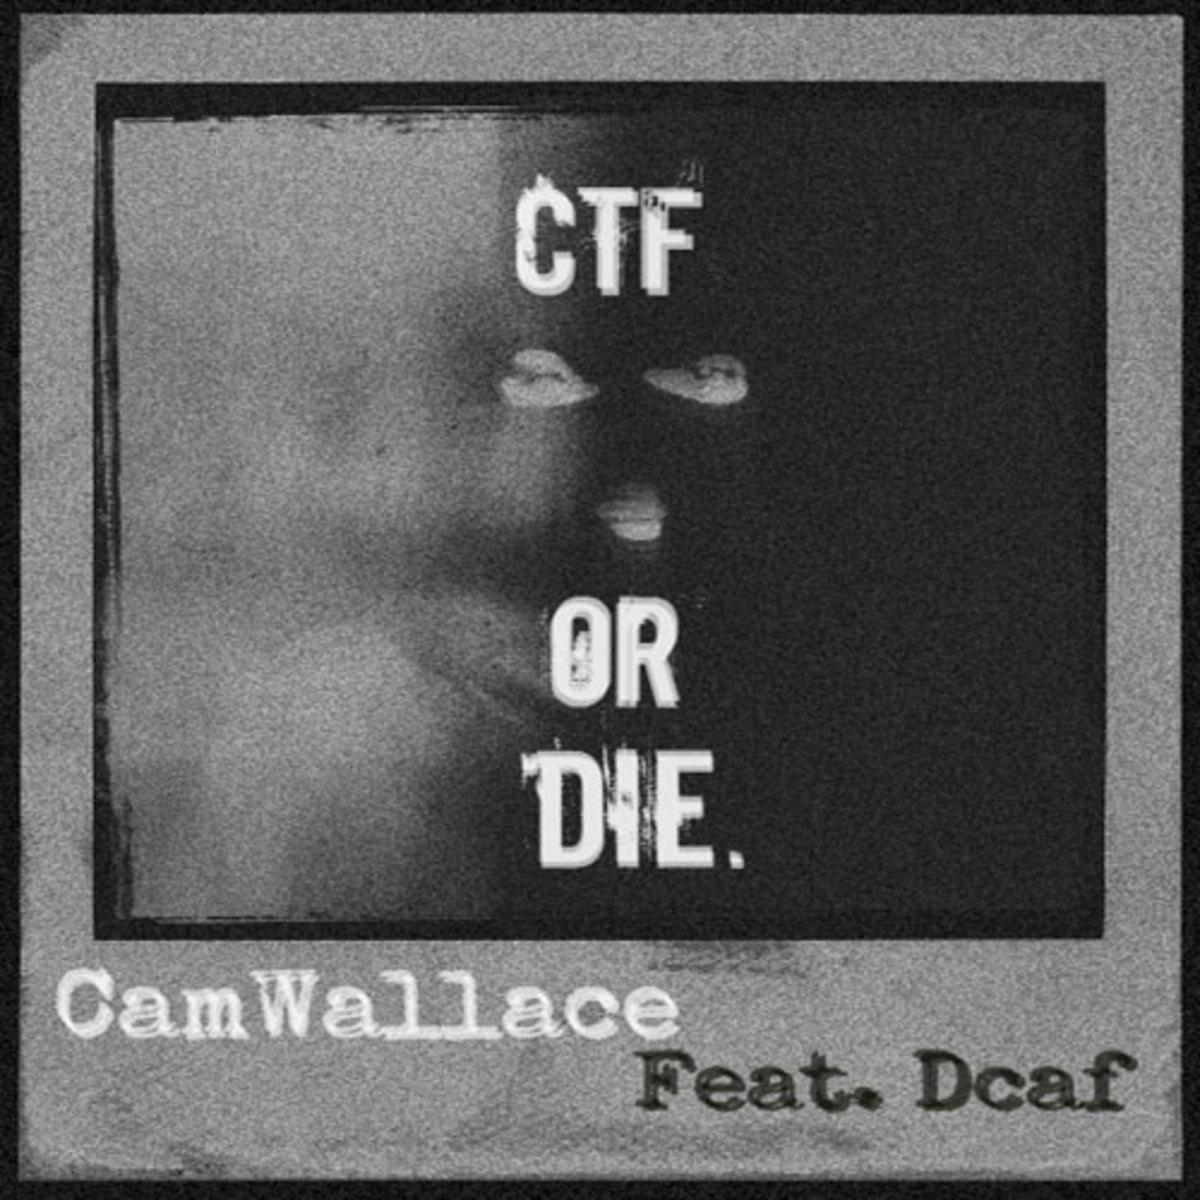 camwallace-ctfordie.jpg